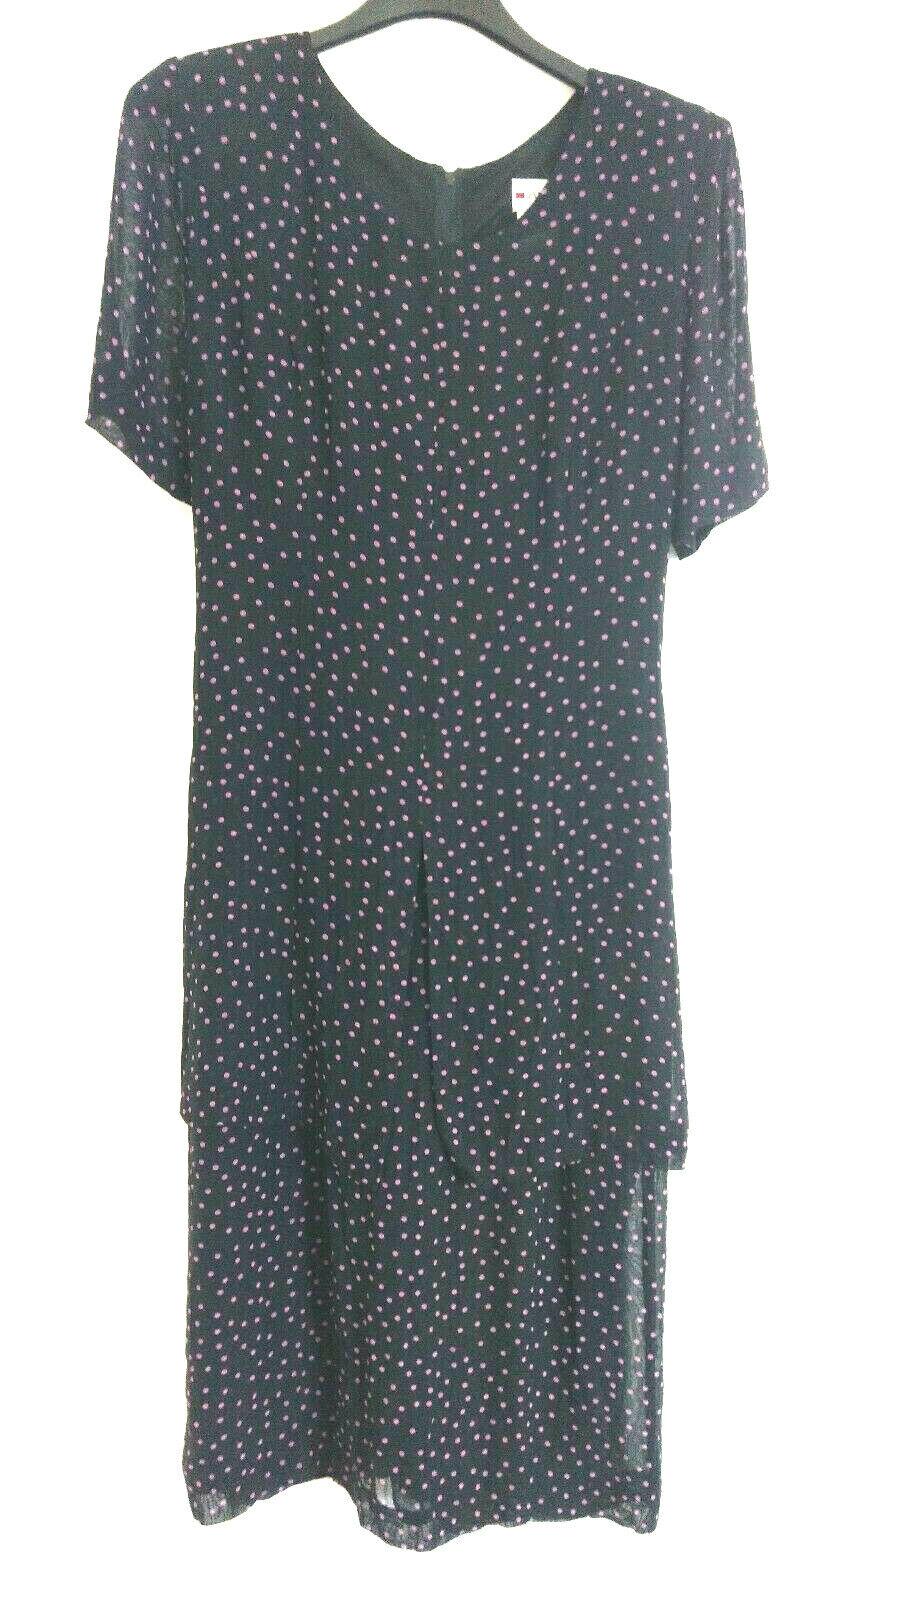 Fabiani Viskose Kleid Sommerkleid, festlich fliessend doppellagig Gr. 38, neu